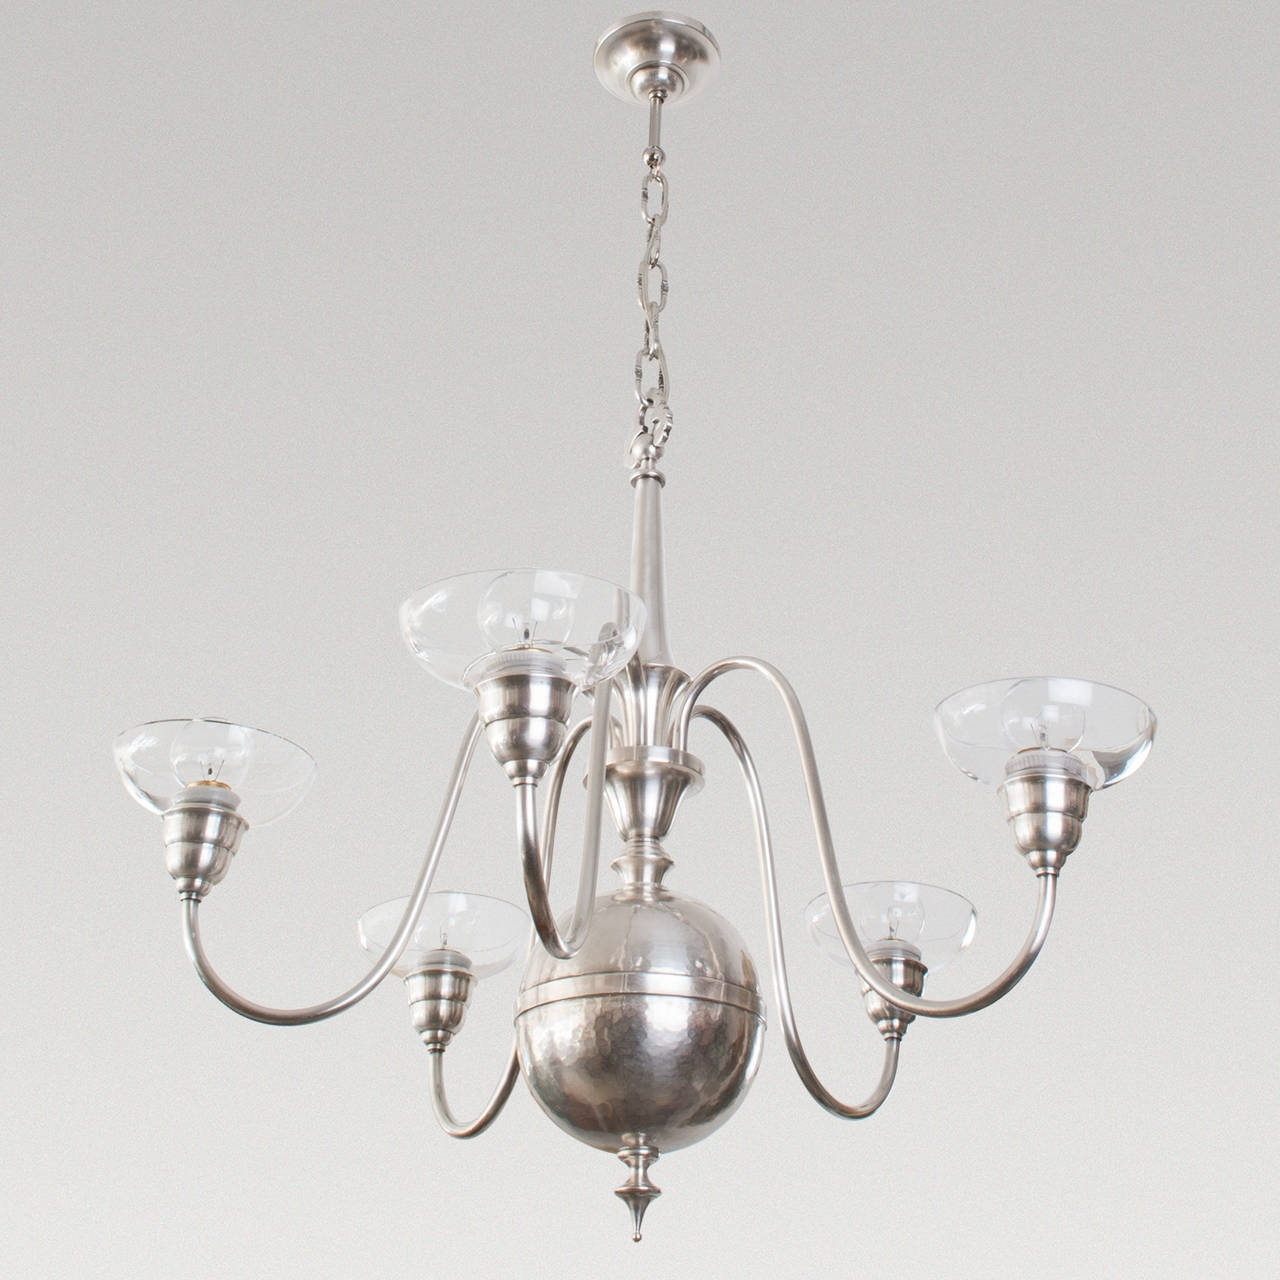 Famous Modern Silver Chandelier : Chandelier Gallery Intended For Modern Silver Chandelier (View 4 of 15)